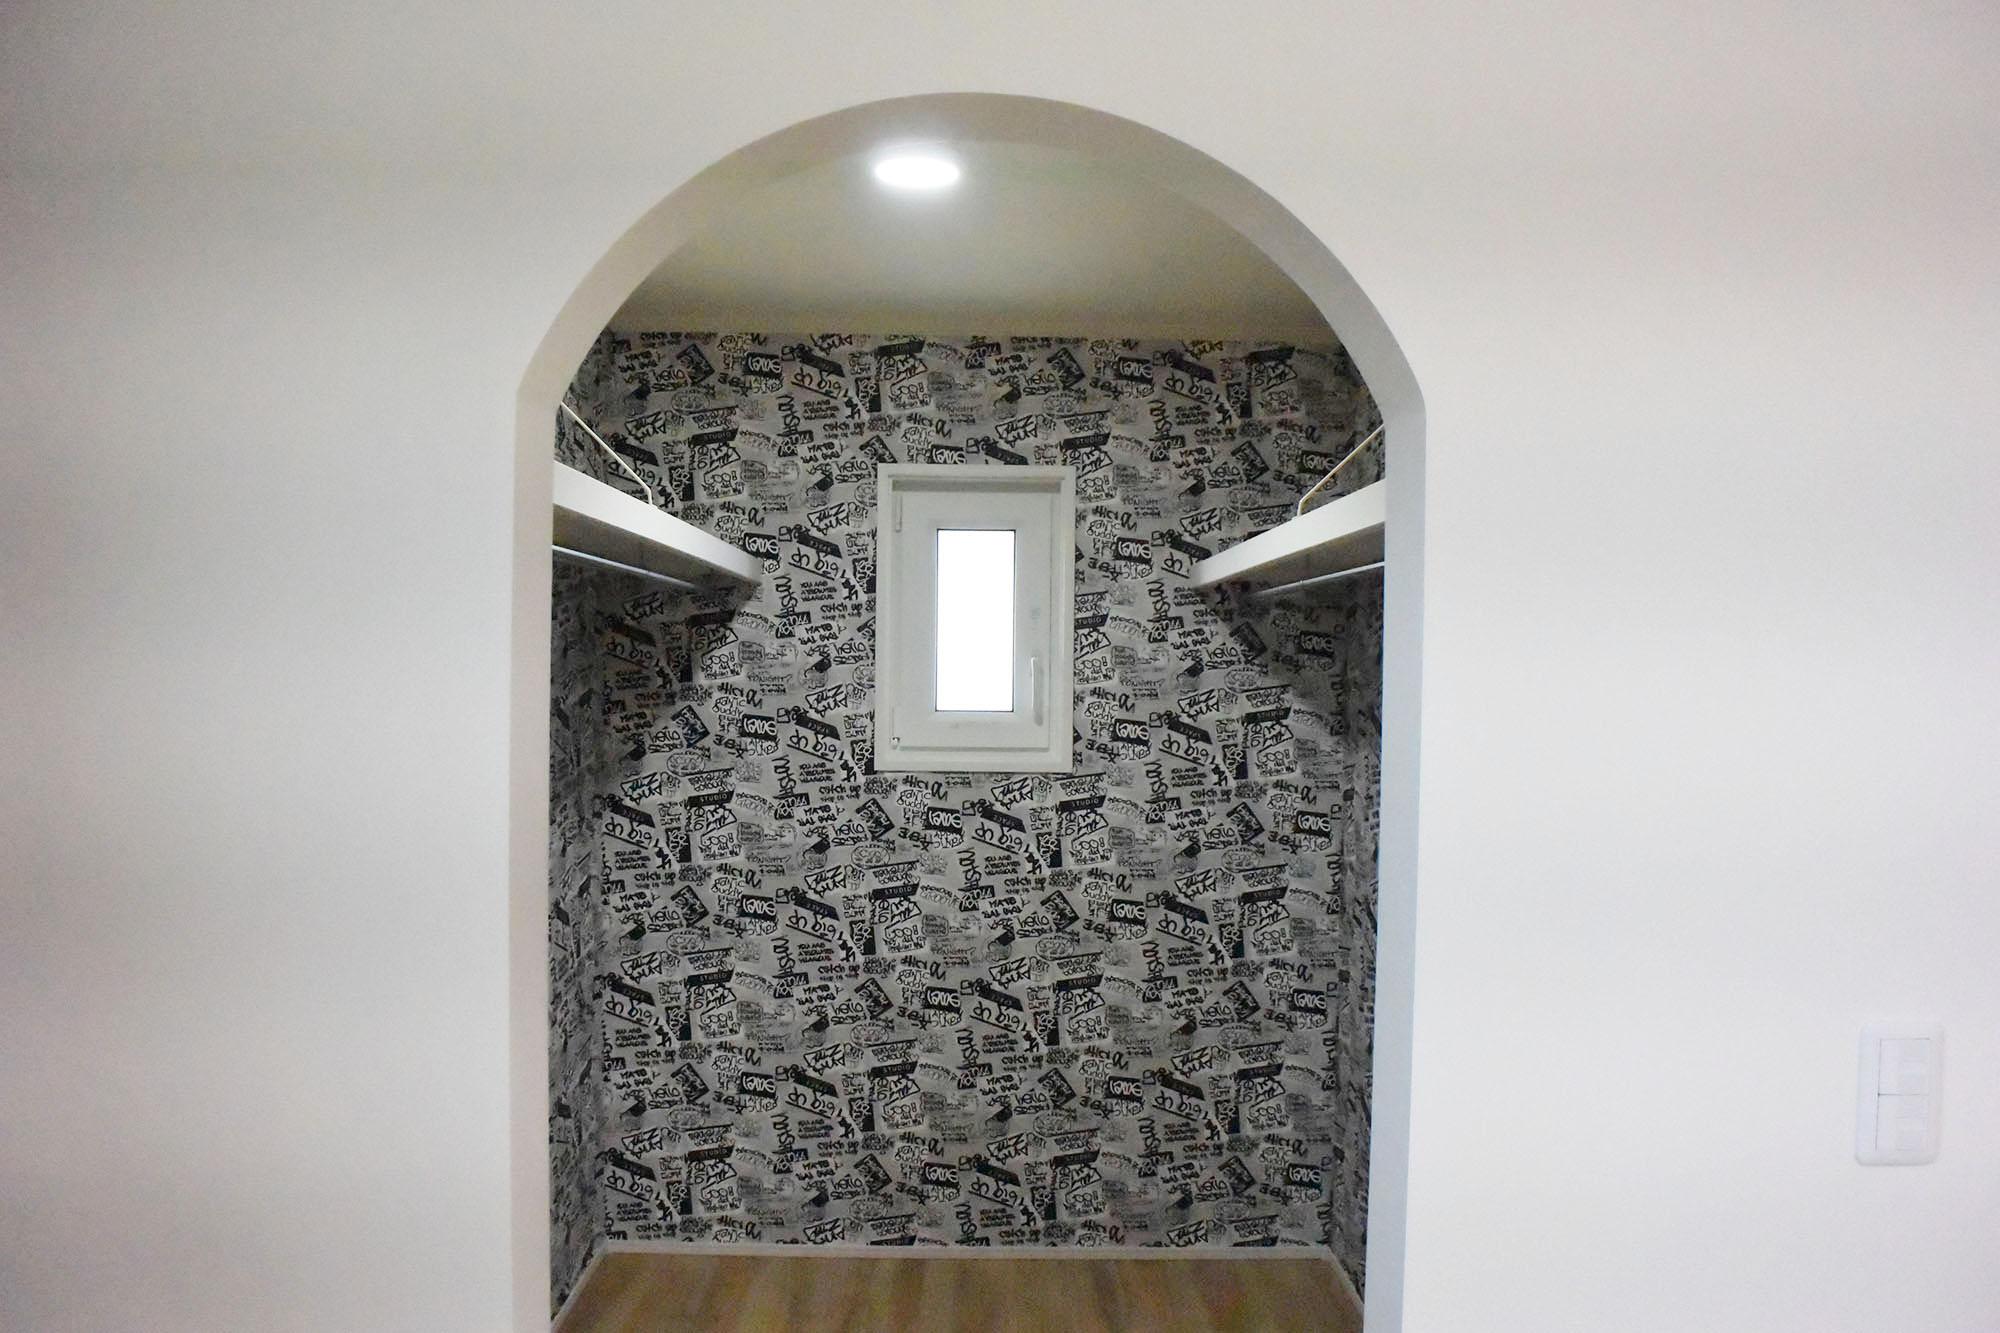 2F主寝室と接し、納戸やウオークインクローゼットが設置されよく収納が考えられた住まいとなっています。